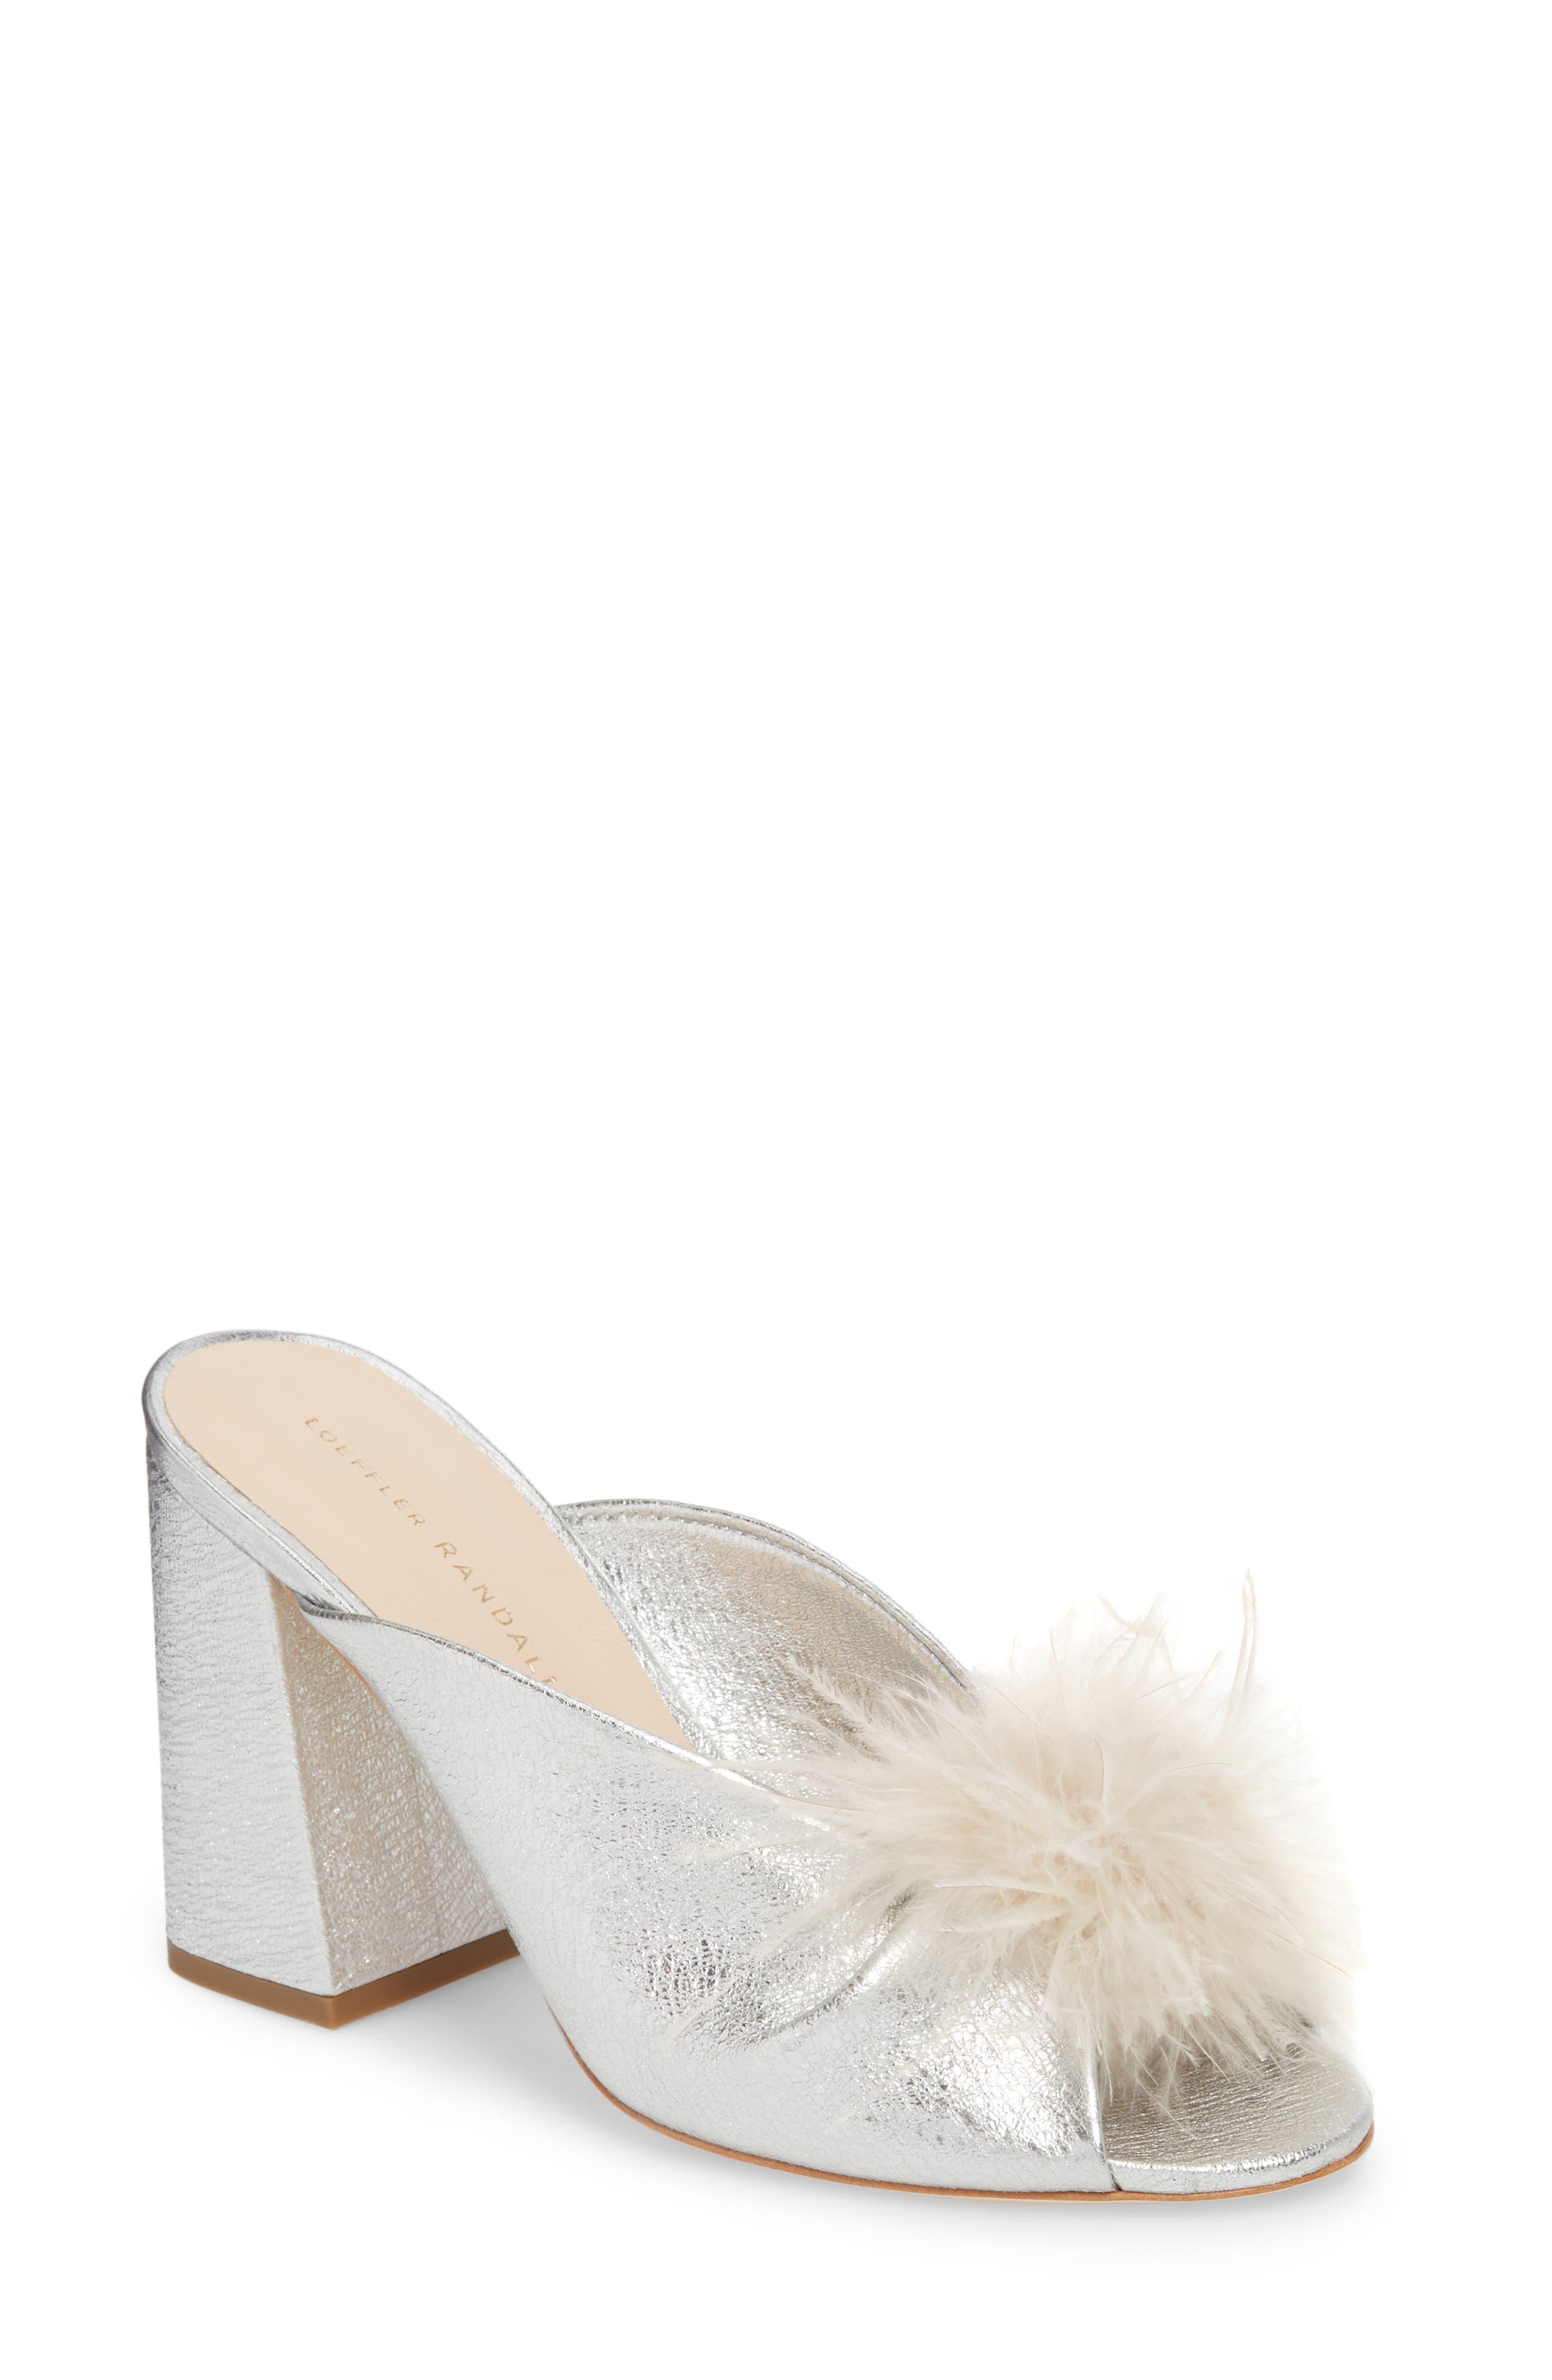 Loeffler Randall Laurel Slide Sandal, Metallic